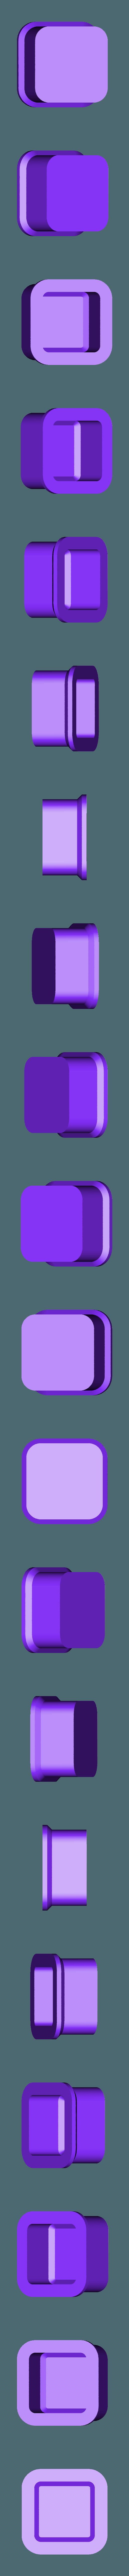 VA_Meter_Case_v2-1_BUTTON.STL Download free STL file Voltmeter/Ammeter Case - 3 • 3D printer object, WalterHsiao